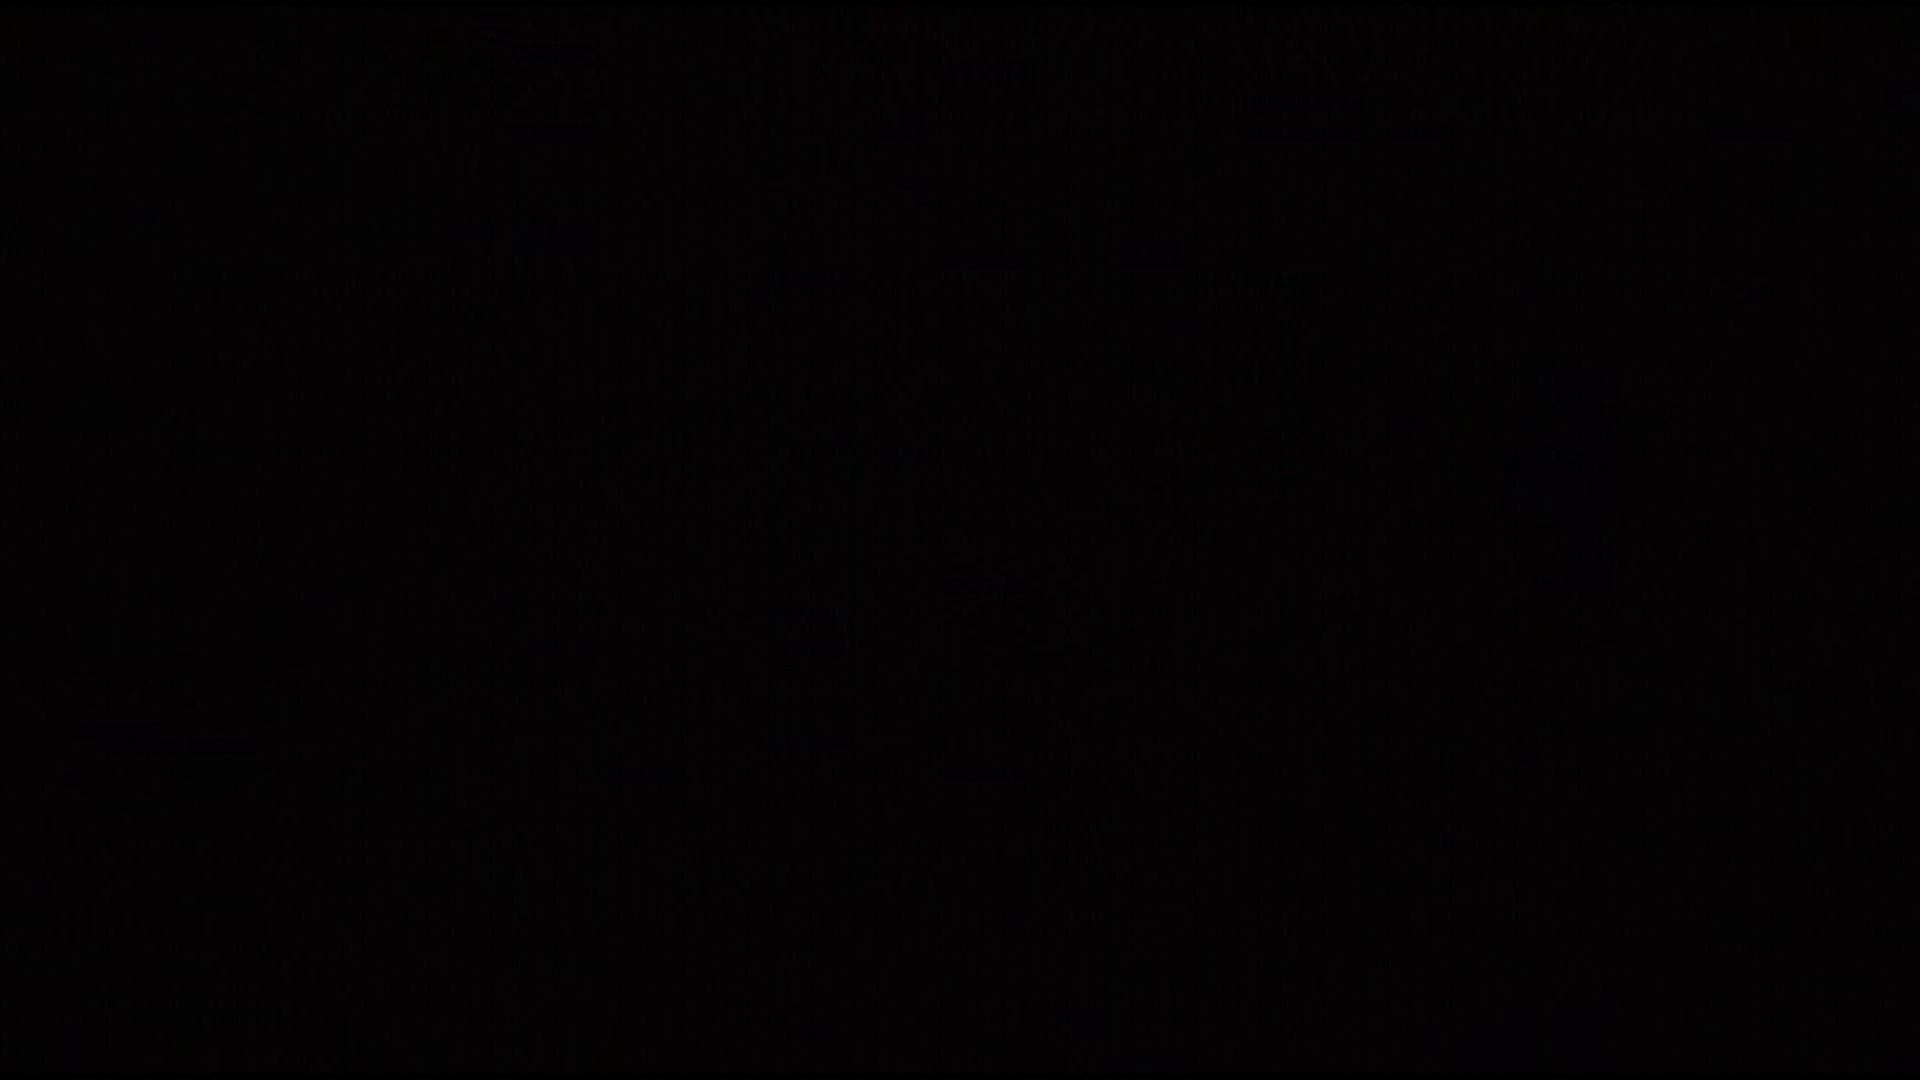 民家の騎士さんの最後の性戦ハイビジョン!!No.47 テクニック すけべAV動画紹介 77pic 58